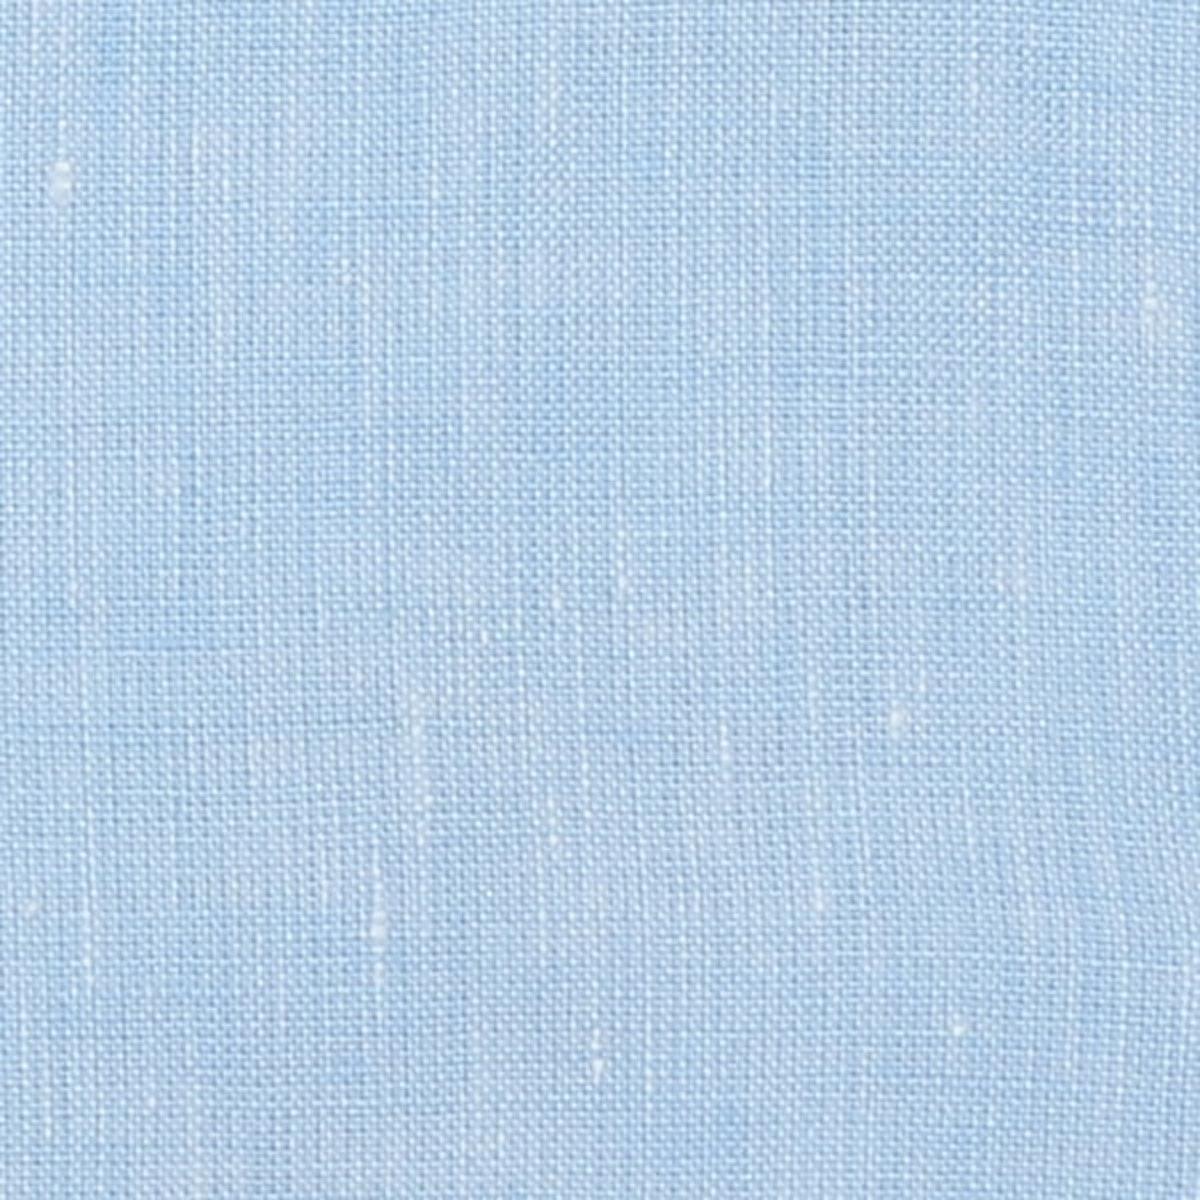 InStitchu Shirt Fabric 4981